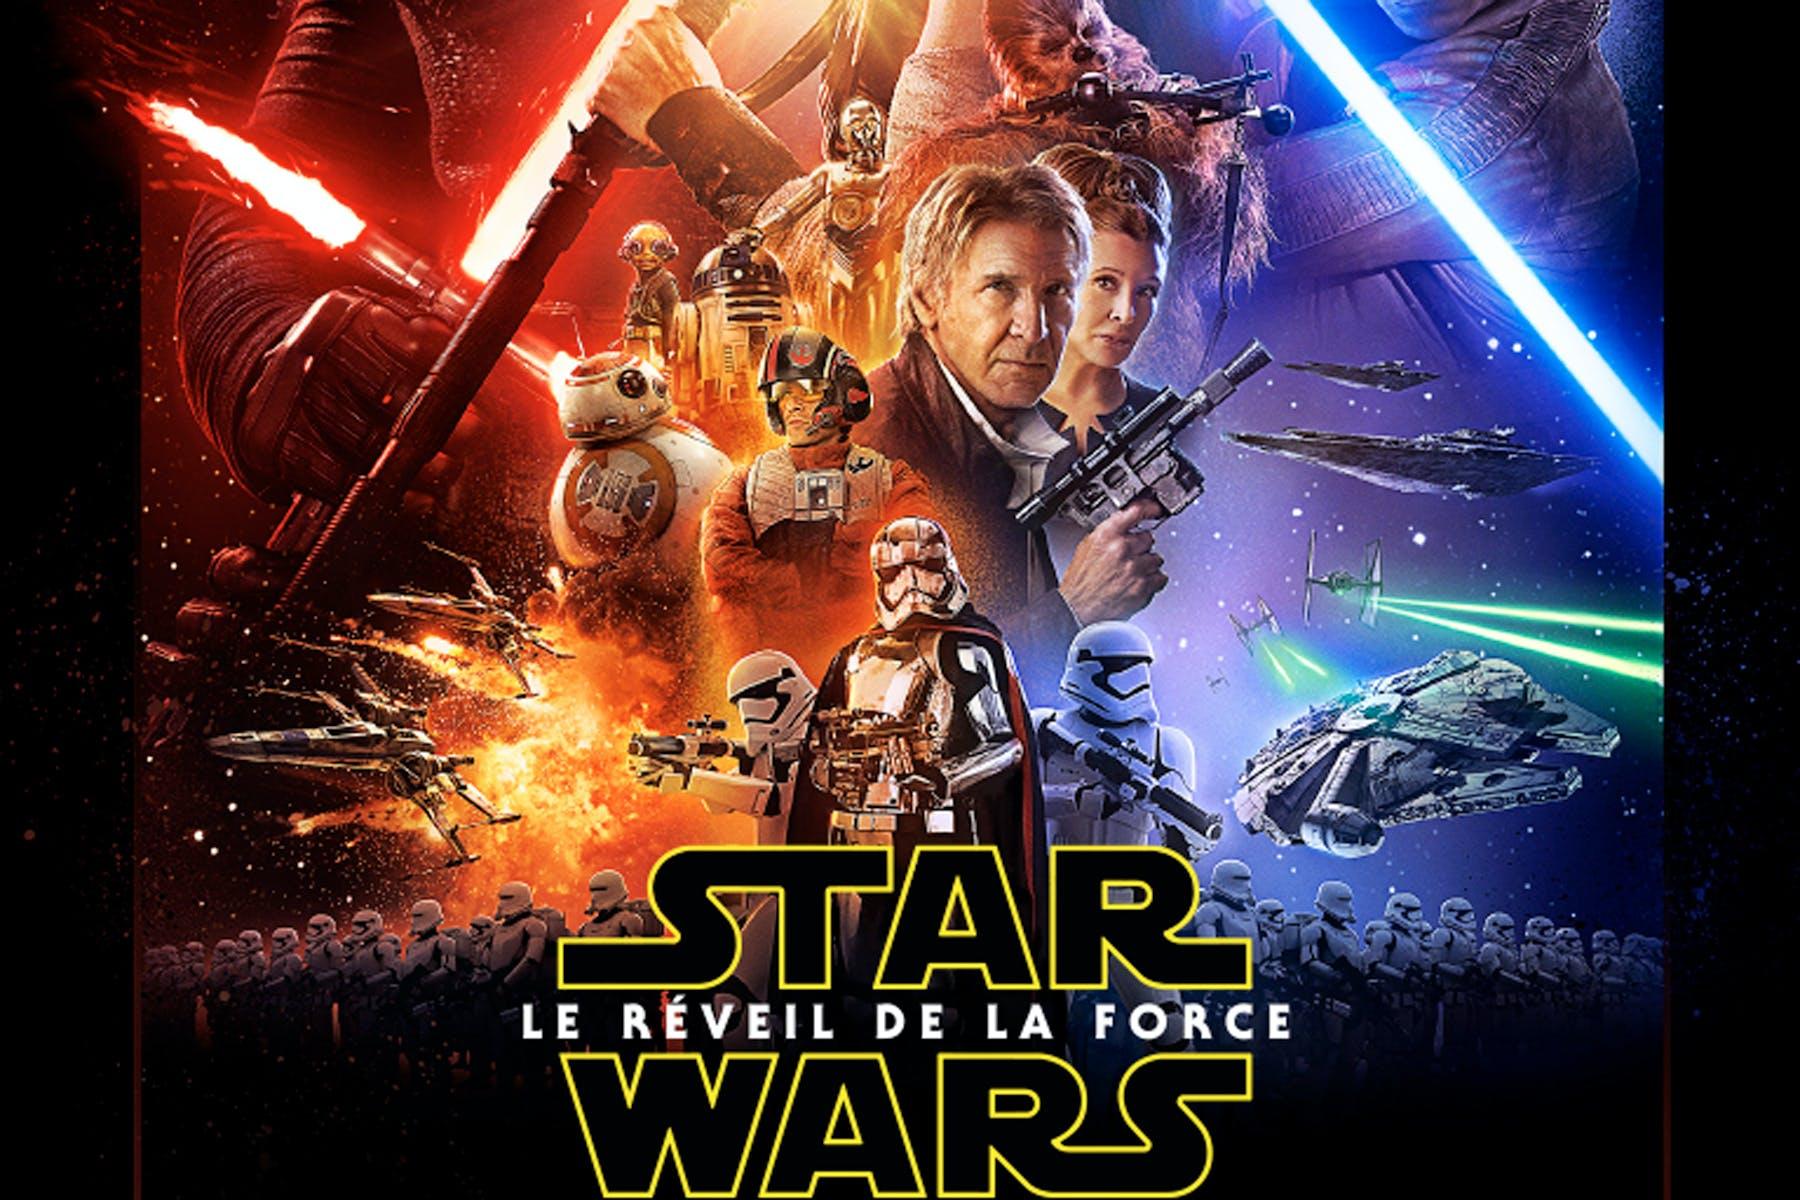 Star Wars 7 : un film à voir en famille !